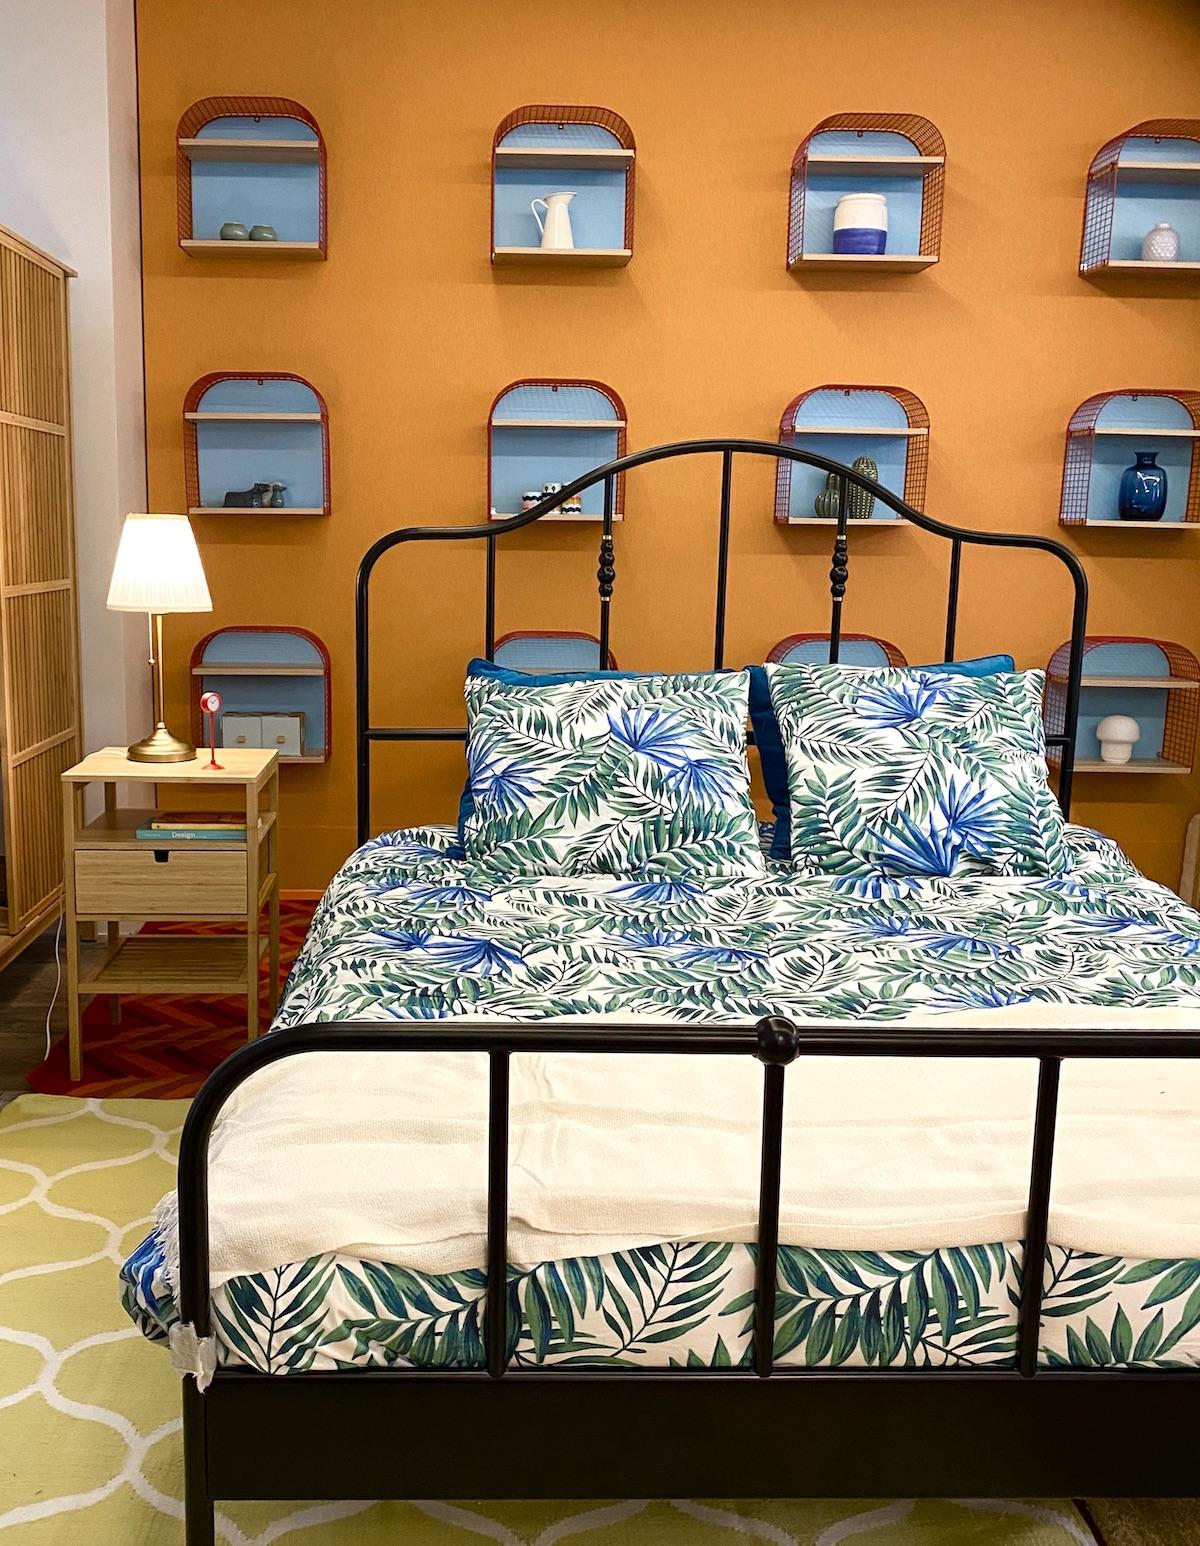 chambre orange mur peinture décoration coloré bleu housse de couette ikea palmier urban jungle feuille